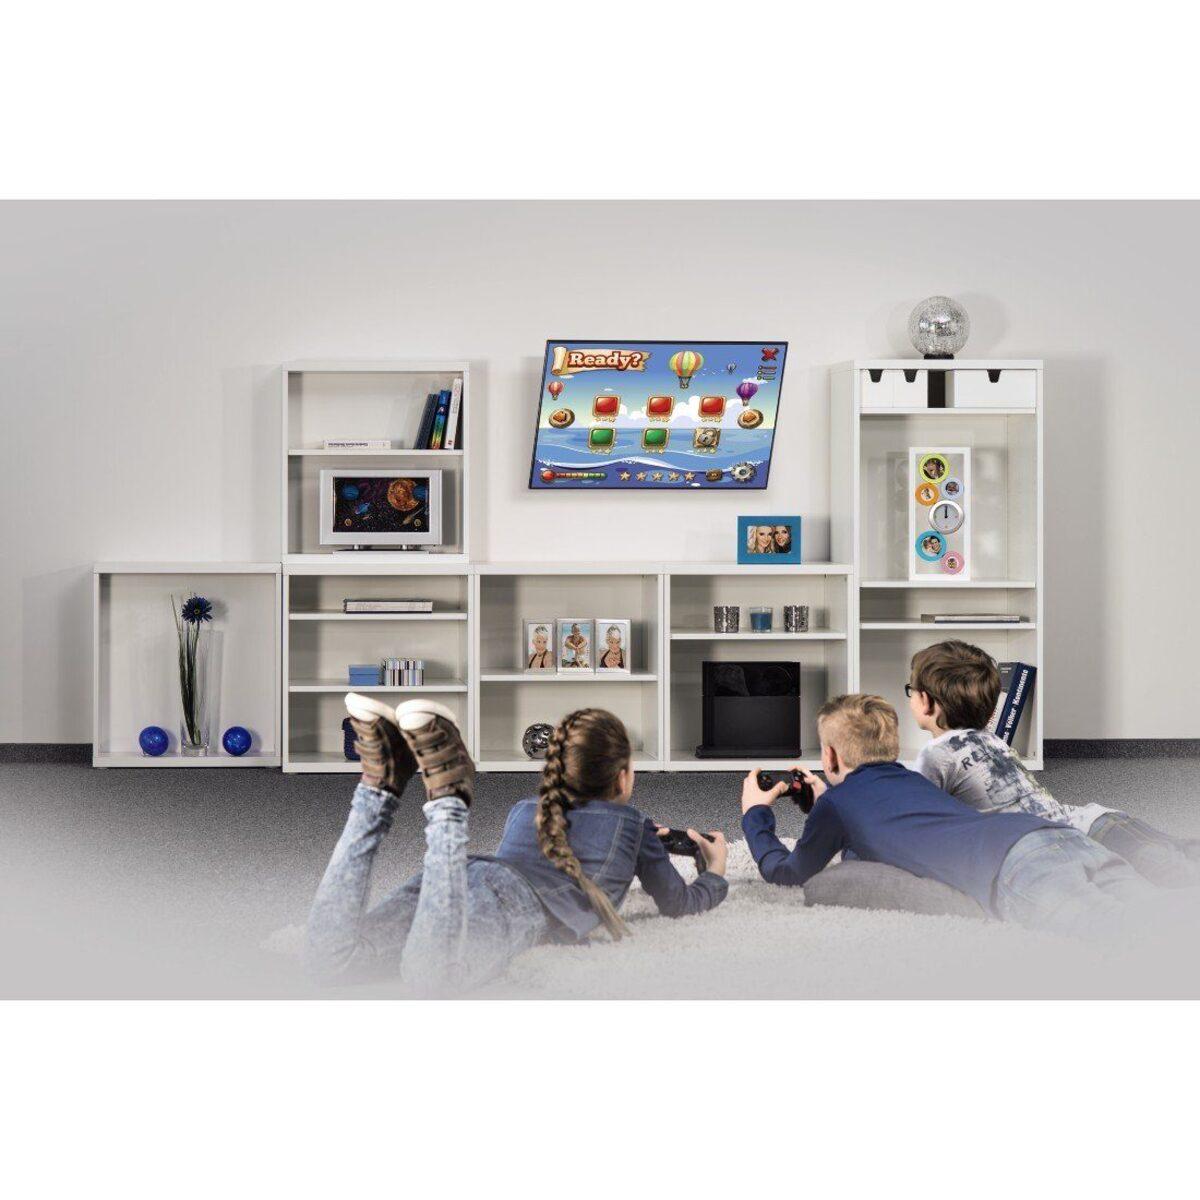 Bild 2 von Hama TV Wandhalter neigbar VESA 600x400 bis 191 cm (75 Zoll) »102cm (40), 140cm (55) LED LCD«